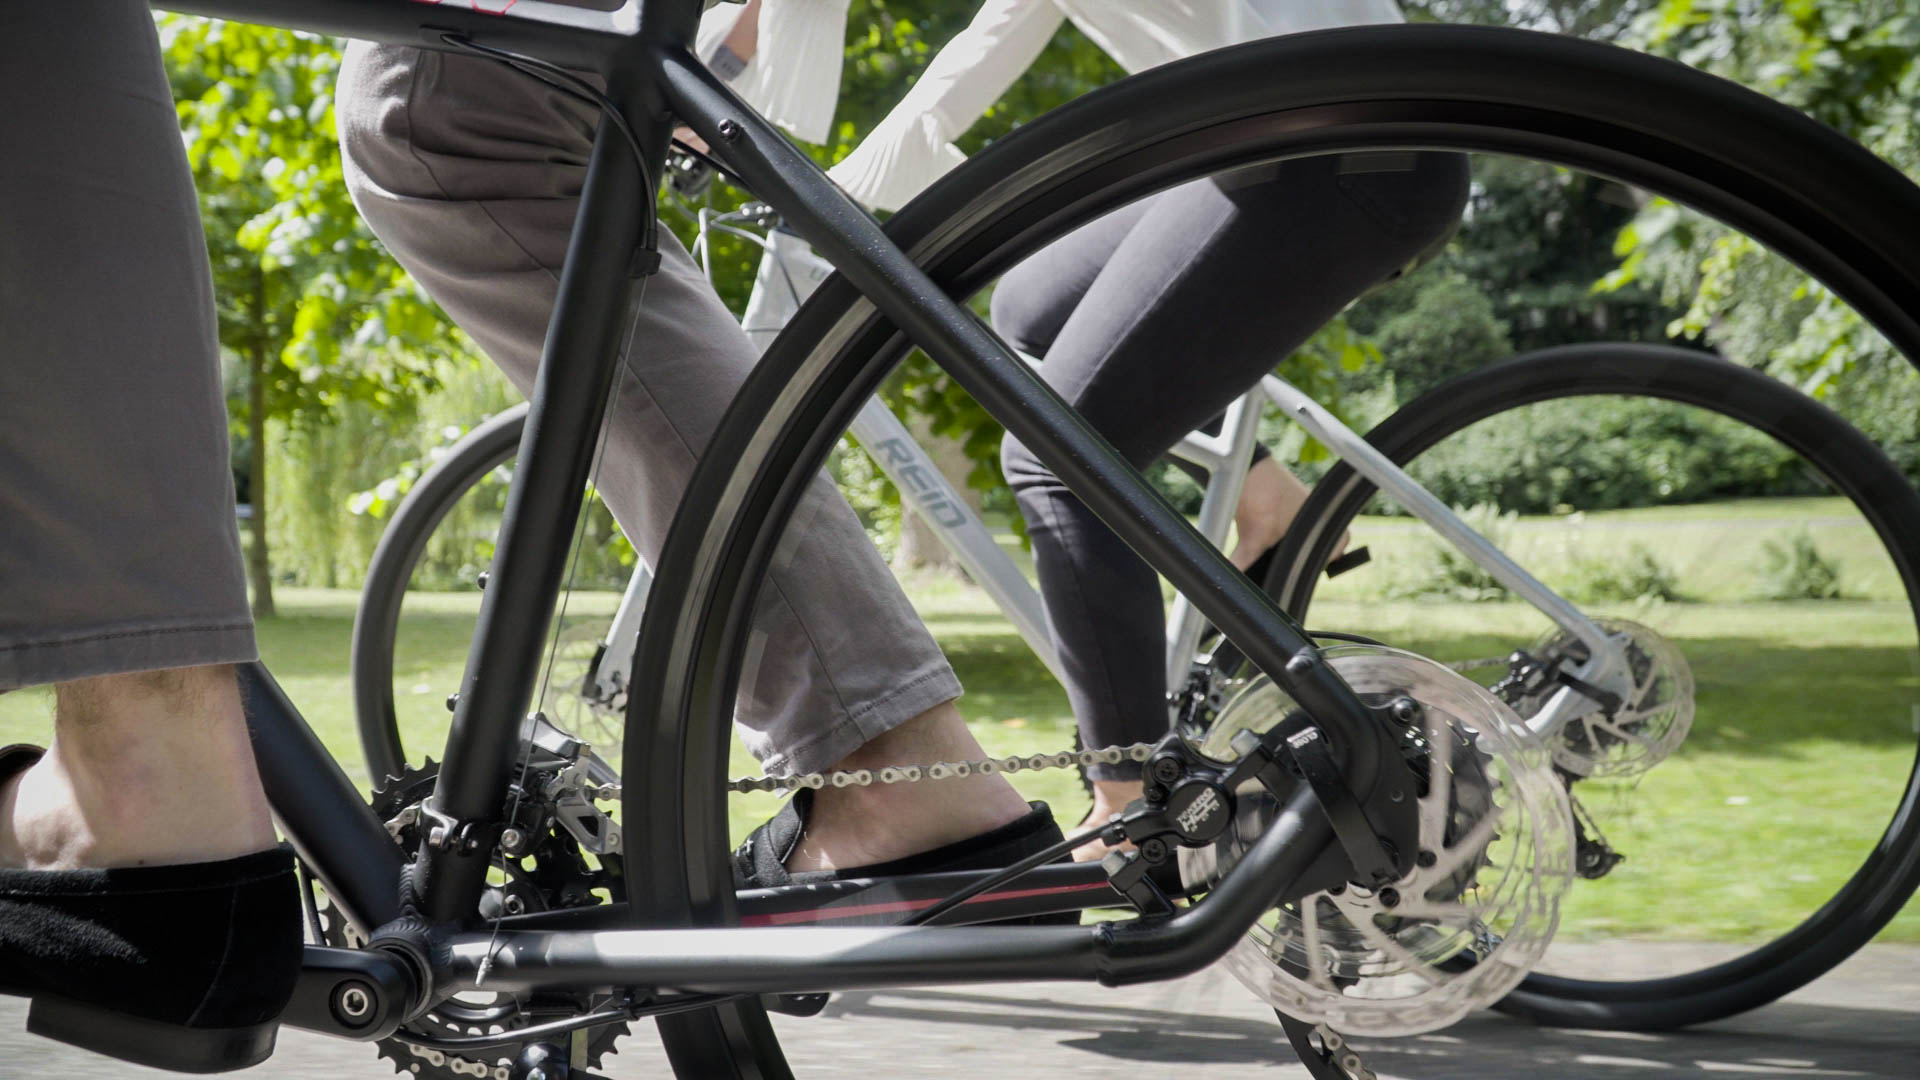 3 1 - Reid ® - Urban X Range Overview - Bike Exchange